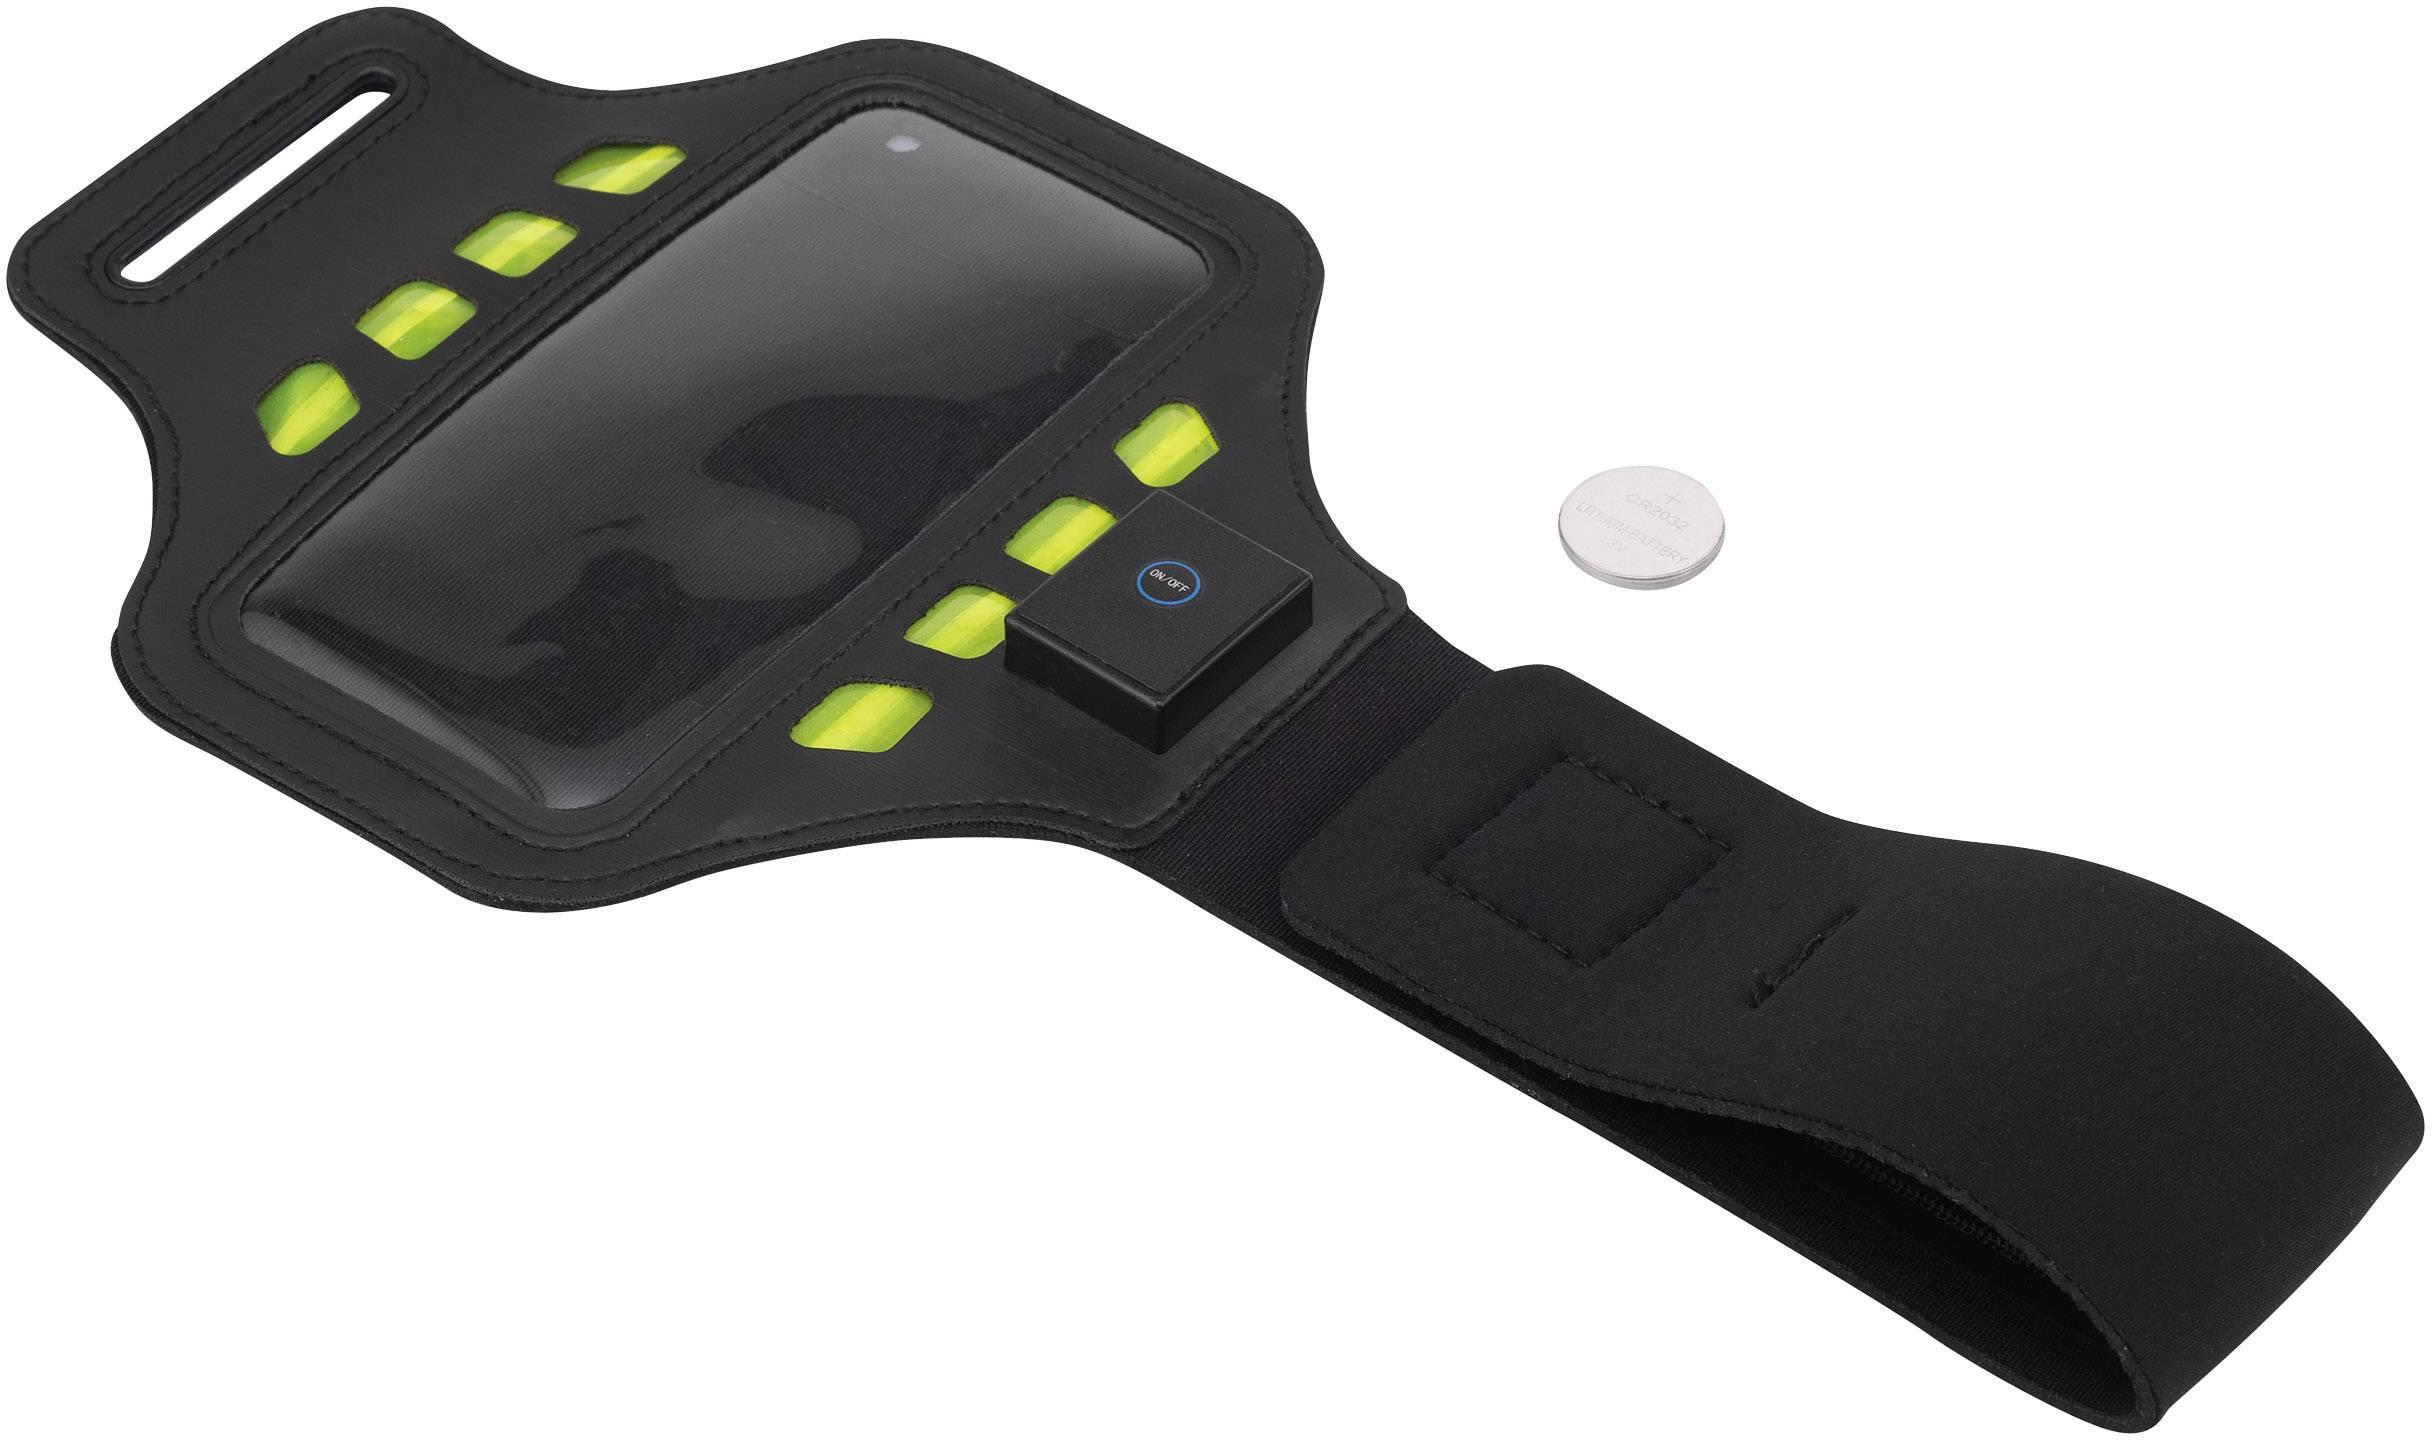 Sportovní pouzdro pro smartphone Renkforce TWNT-IP5 s osvětlením